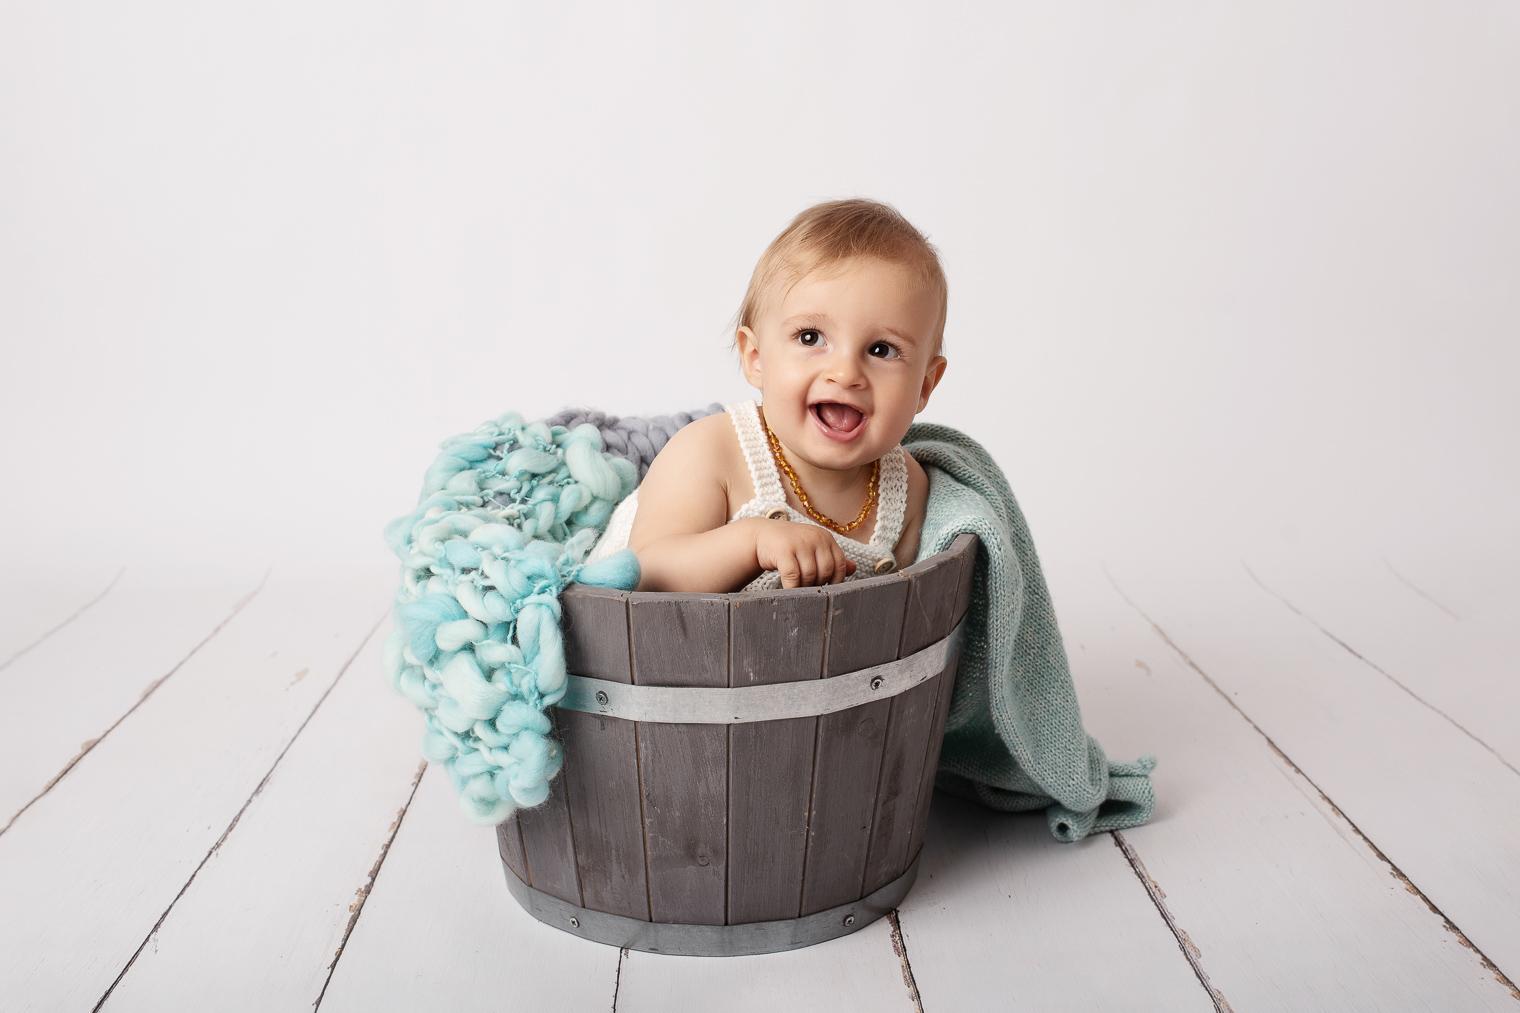 belinda lopez photo bebe enfant studio photographie famille grossesse nouveau-ne maternite photographe bourg-saint-maurice savoie belindalopez.fr-7